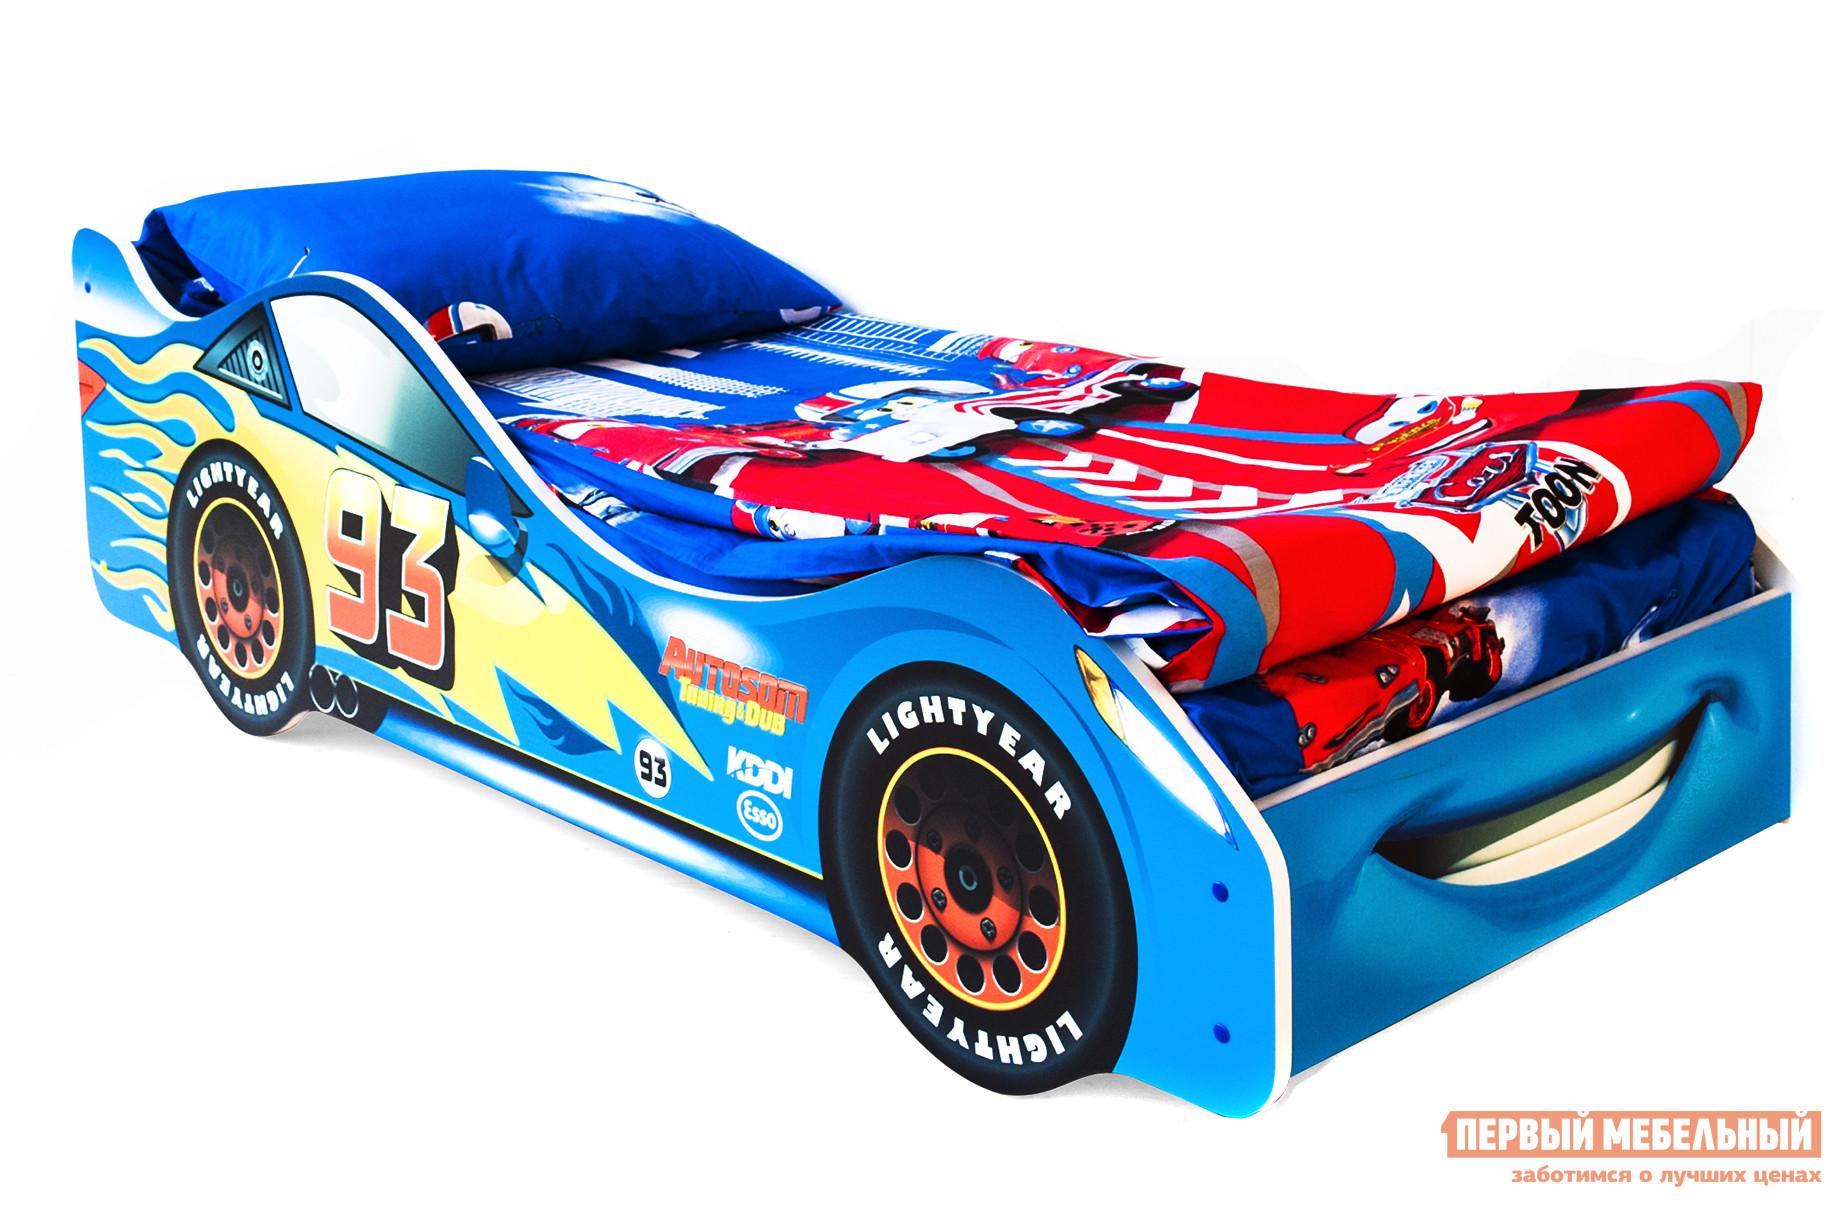 Кровать-машина Бельмарко Тачка Синий, С матрасомКровати-машины<br>Габаритные размеры ВхШхГ 500x750x1700 мм. Кроватка, исполненная в виде задорного автомобиля, станет настоящим другом вашего ребенка. Размер спального места составляет 700х1600 мм. Боковые линии кровати позволяют взрослому удобно сидеть, пока ребенок засыпает, при этом малыш никогда не упадет во сне. Модель очень легко собирается в течении 10 минут. Основание под матрас — деревянные прочные латы, выдерживающие нагрузку до 200 кг.  Латы позволяют матрасу «дышать», если он намокнет — достаточно его перевернуть и он высохнет. Материал изготовления — ЛДСП класса E1 с прямой ультрафиолетовой печатью, что обеспечивает долговечность и безопасность в эксплуатации. Обратите внимание! Необходимо выбрать комплектацию: с матрасом или без. Также вы можете дополнительно заказать светодиодную подсветку дна кровати и пластиковые объемные колеса, с которыми вы можете более подробно ознакомиться во вкладке «Аксессуары».<br><br>Цвет: Синий<br>Цвет: Синий<br>Высота мм: 500<br>Ширина мм: 750<br>Глубина мм: 1700<br>Кол-во упаковок: 2<br>Форма поставки: В разобранном виде<br>Срок гарантии: 1 год<br>Материал: Деревянные, из ЛДСП<br>Особенности: С бортиками, С колесами, С матрасом, С подсветкой<br>Возраст: От 3-х лет<br>Модель: Гонка<br>Пол: Для мальчиков